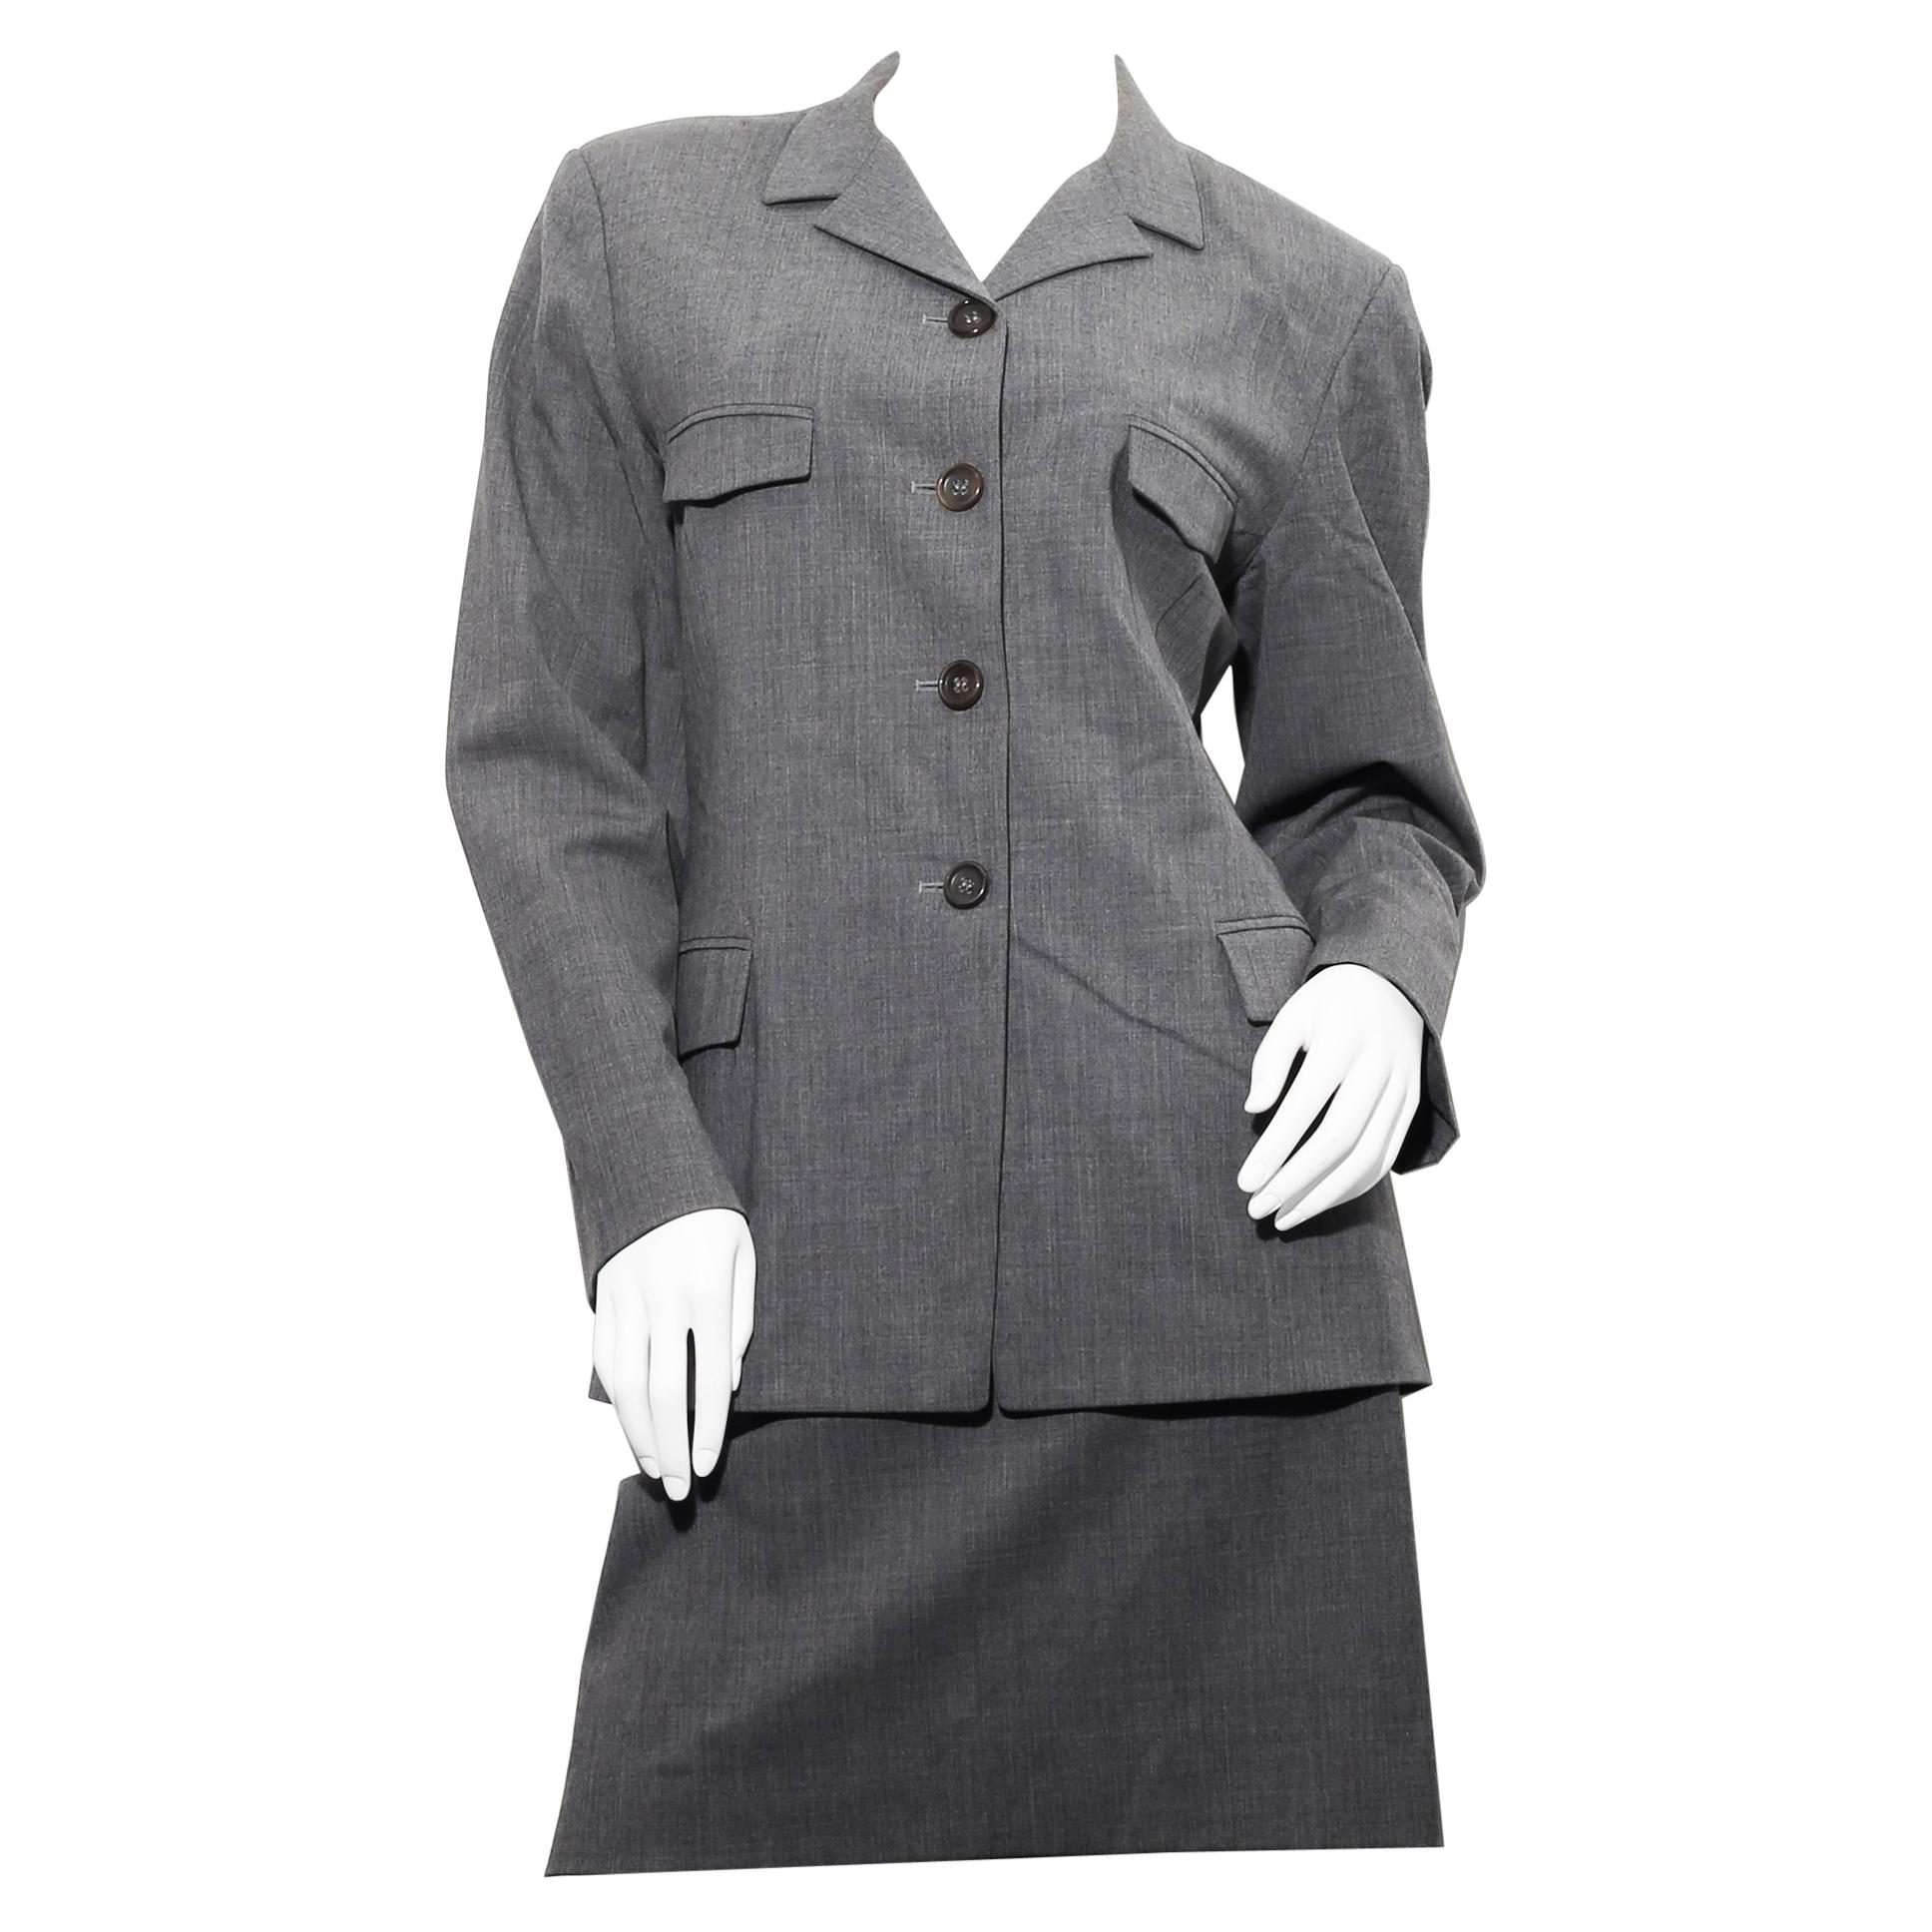 Timeless Grey Jil Sander work suit in freeze wool size 40